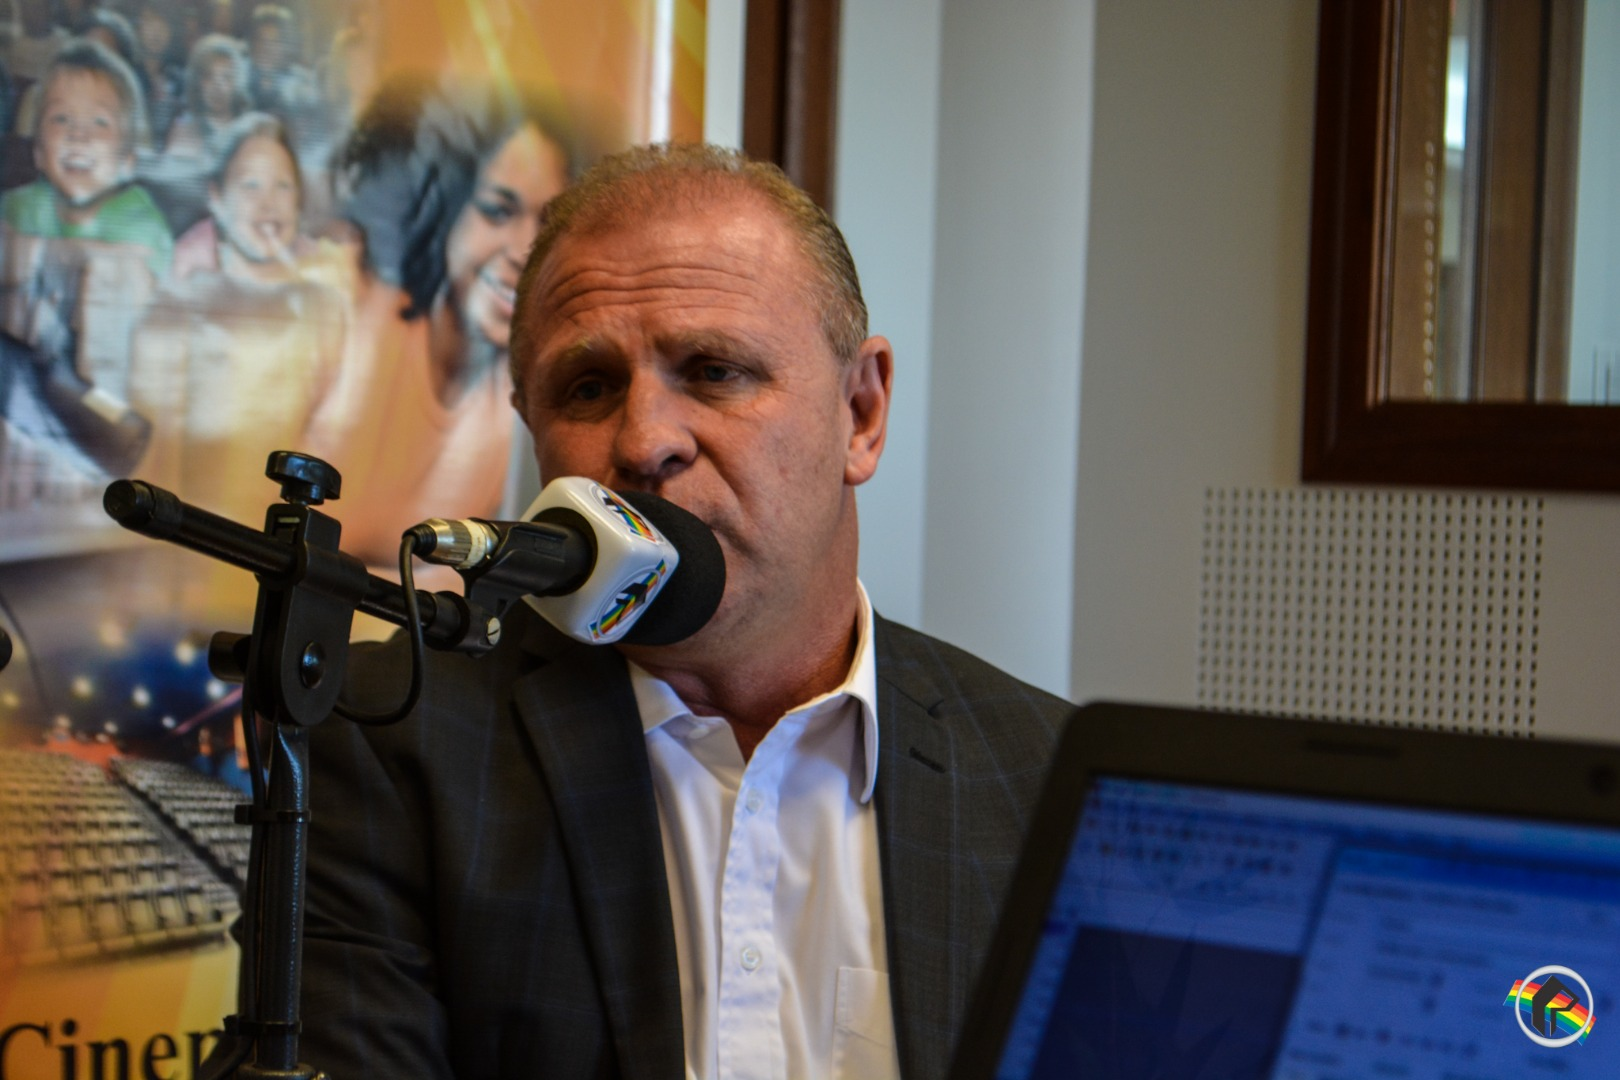 PSD vai entregar todos os cargos de primeiro escalão, diz Merísio